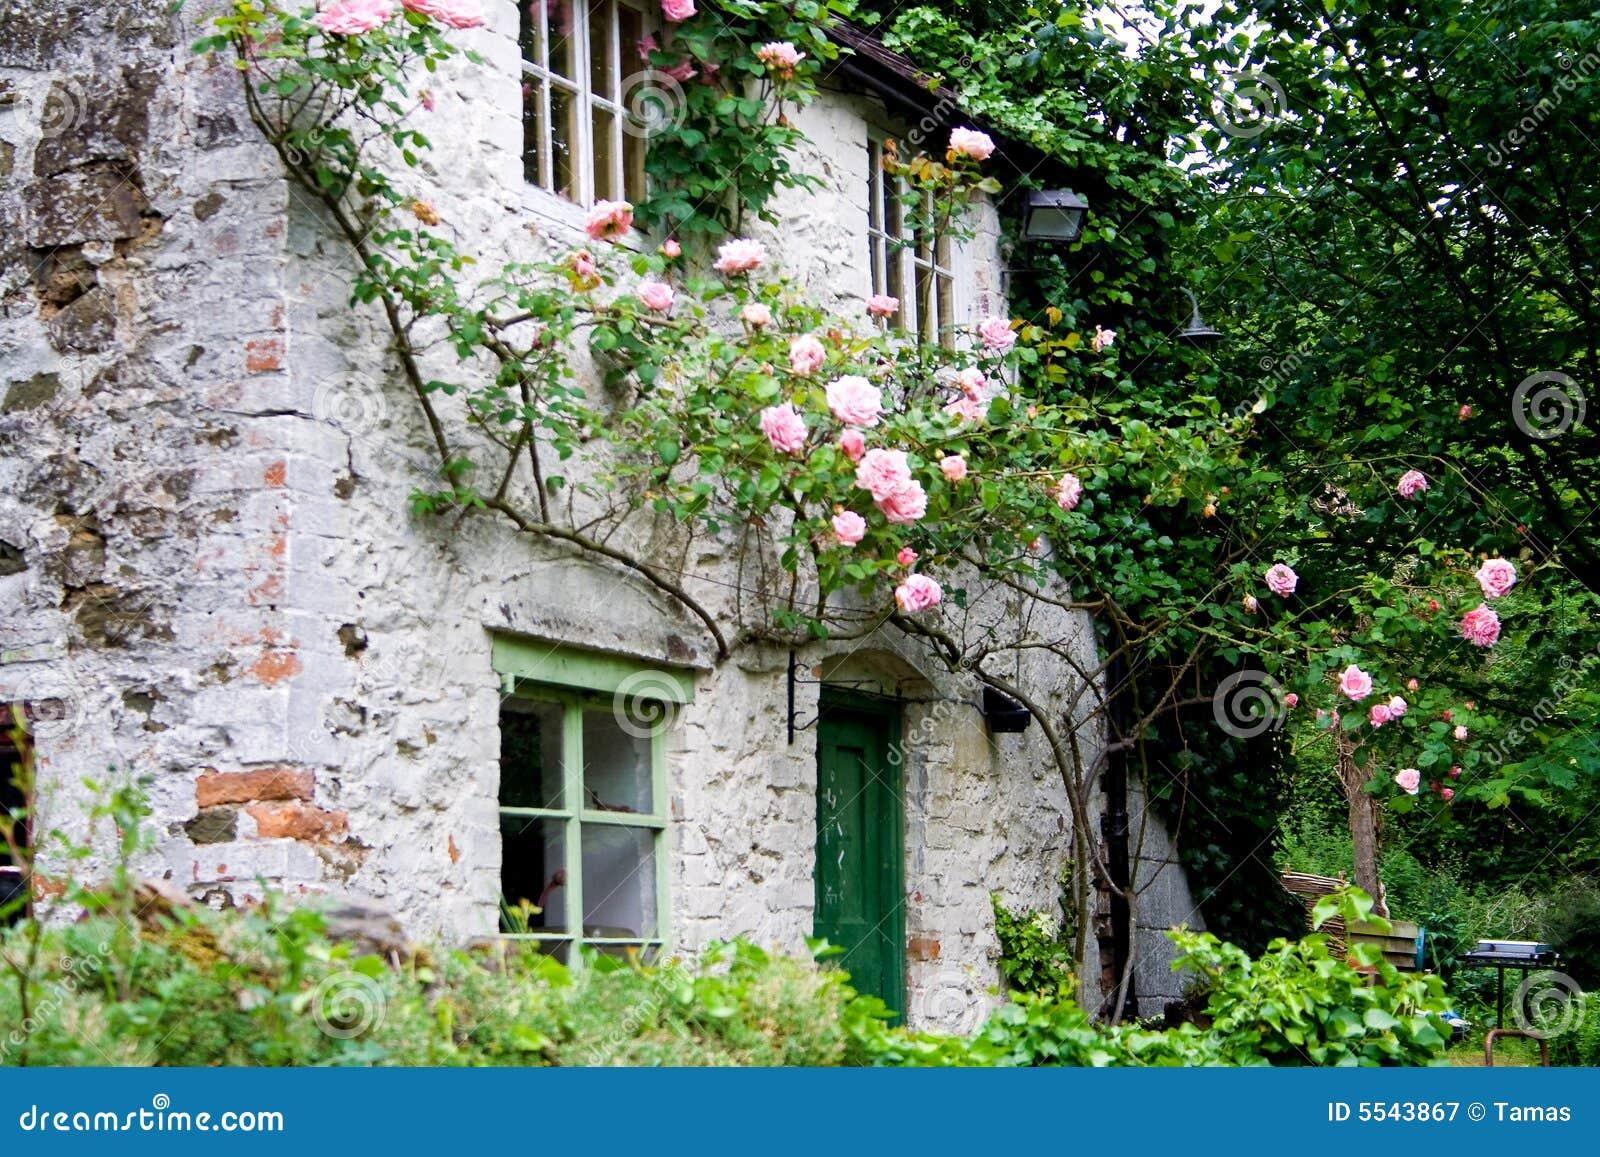 Maison romantique avec des roses photographie stock libre de droits image 5543867 for Jardin 0 l4anglaise